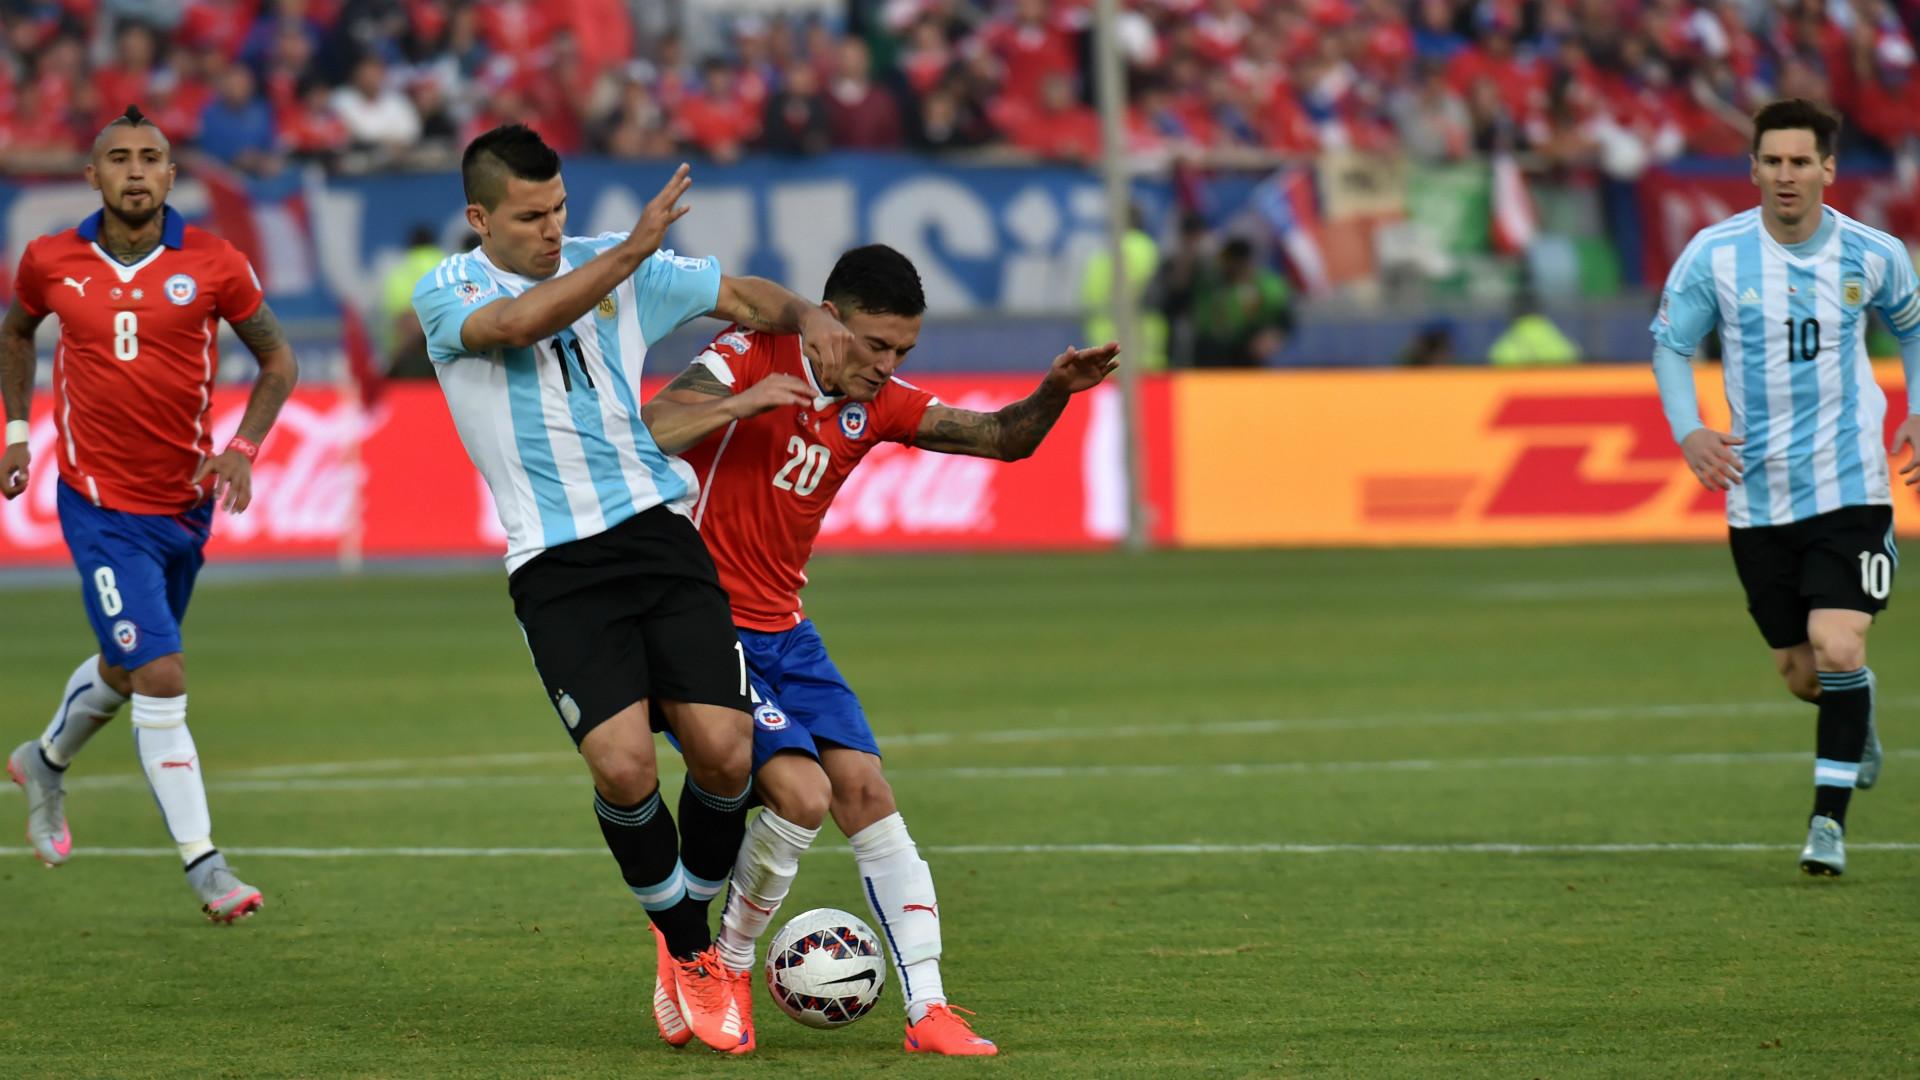 Chile Argentina Copa America Final 2015 - Goal.com